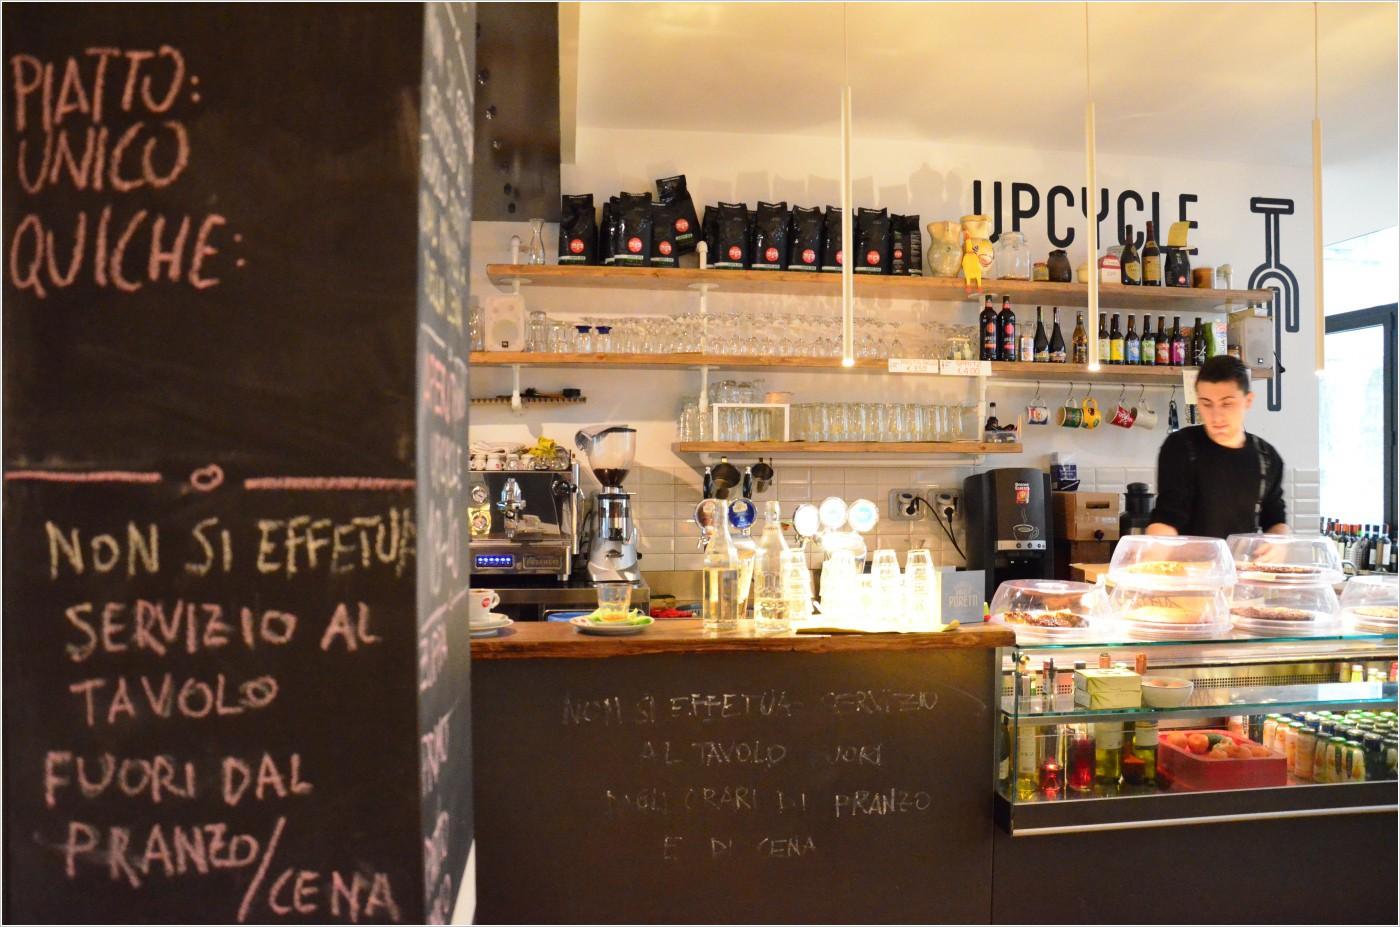 upcycle milano bike cafe4